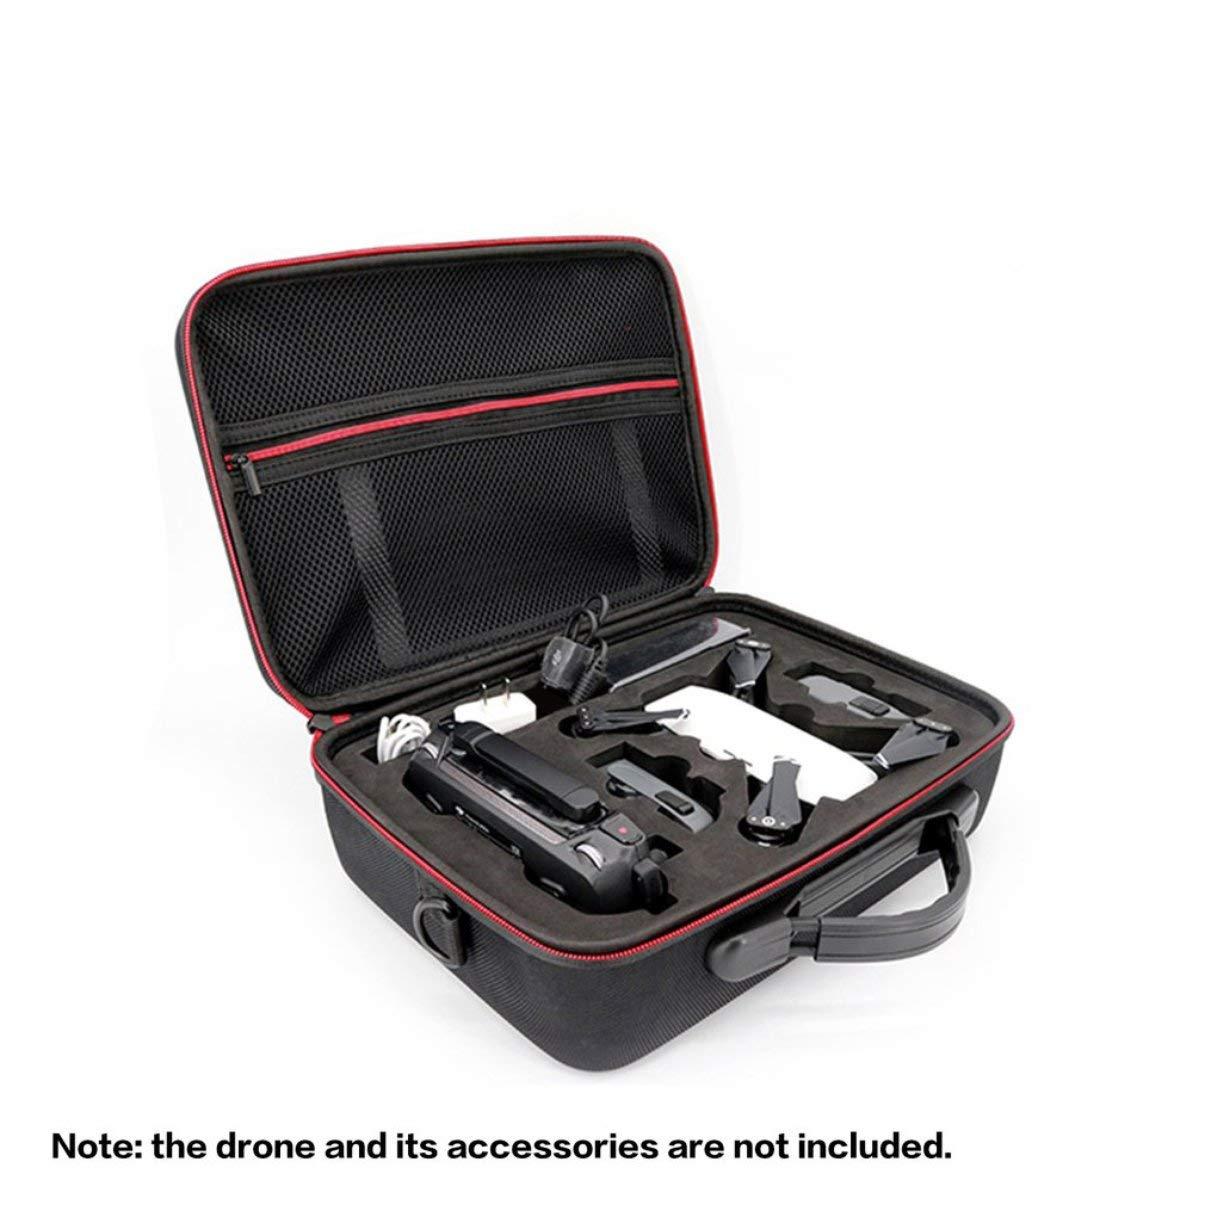 Almacenamiento De Y Jullyeleesgant Bolsa Juguetes Juegos Drone HDE92I